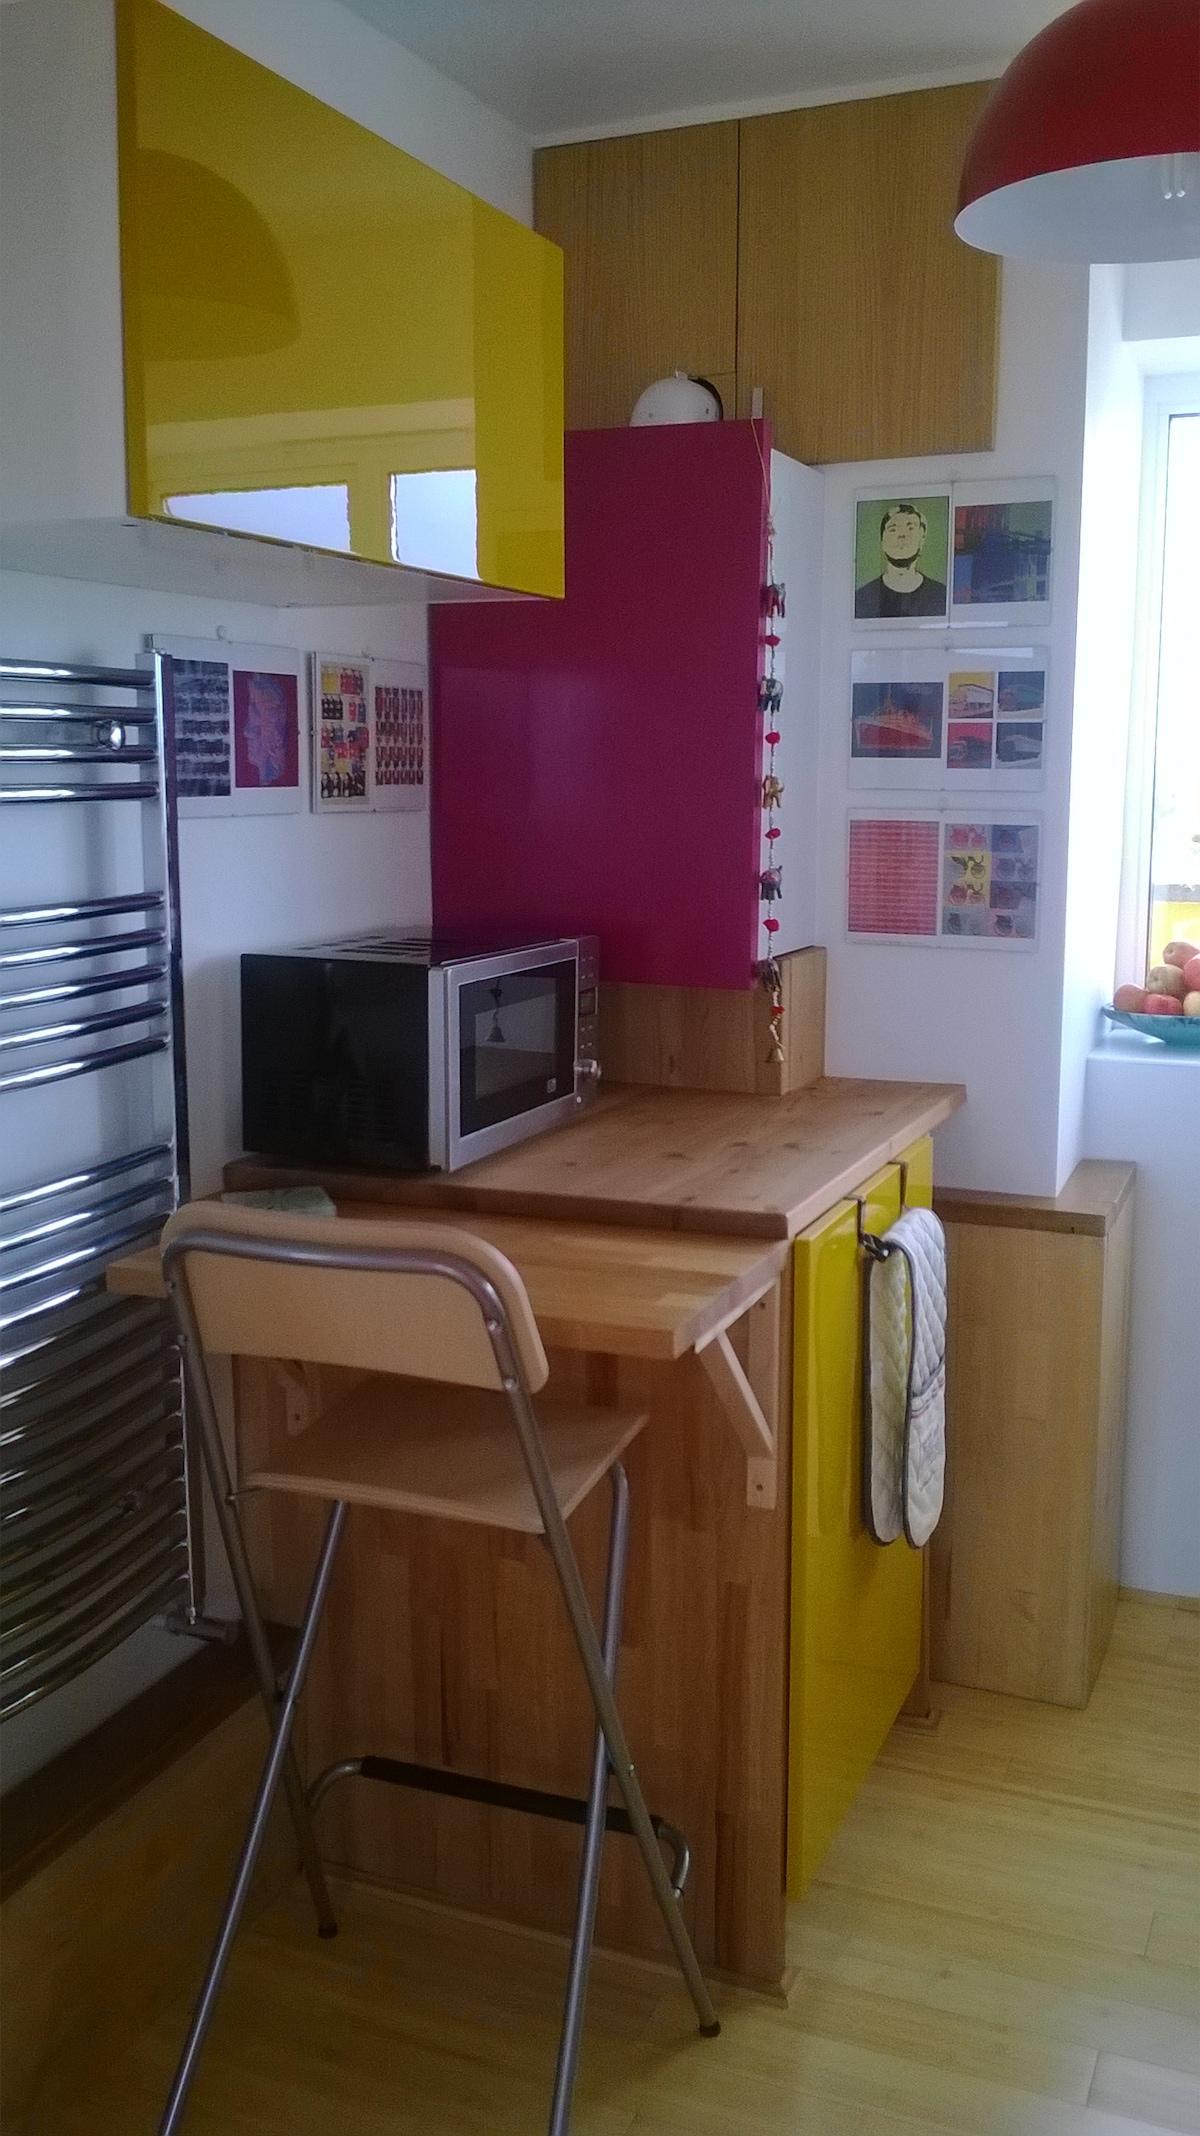 Kitchen, breakfast table.